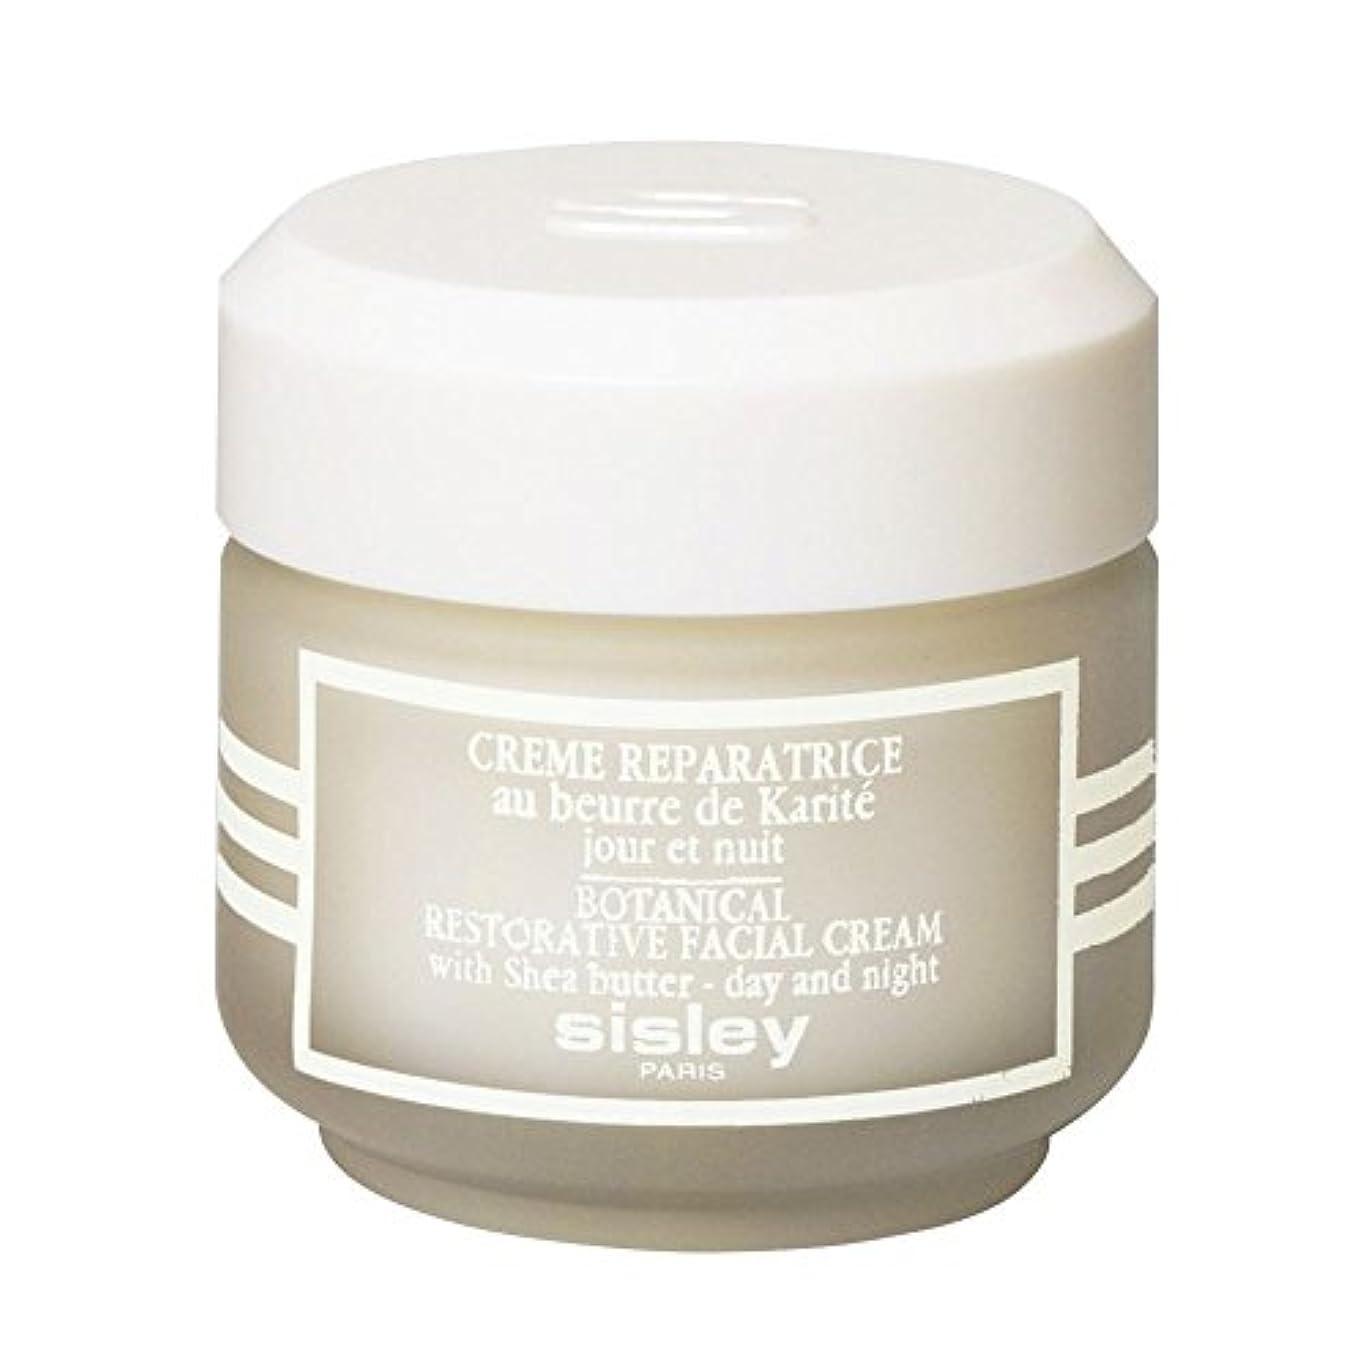 粉砕する鳴り響く慈悲[Sisley] シスレーボタニカル修復フェイスクリーム、50ミリリットル - Sisley Botanical Restorative Face Cream, 50ml [並行輸入品]